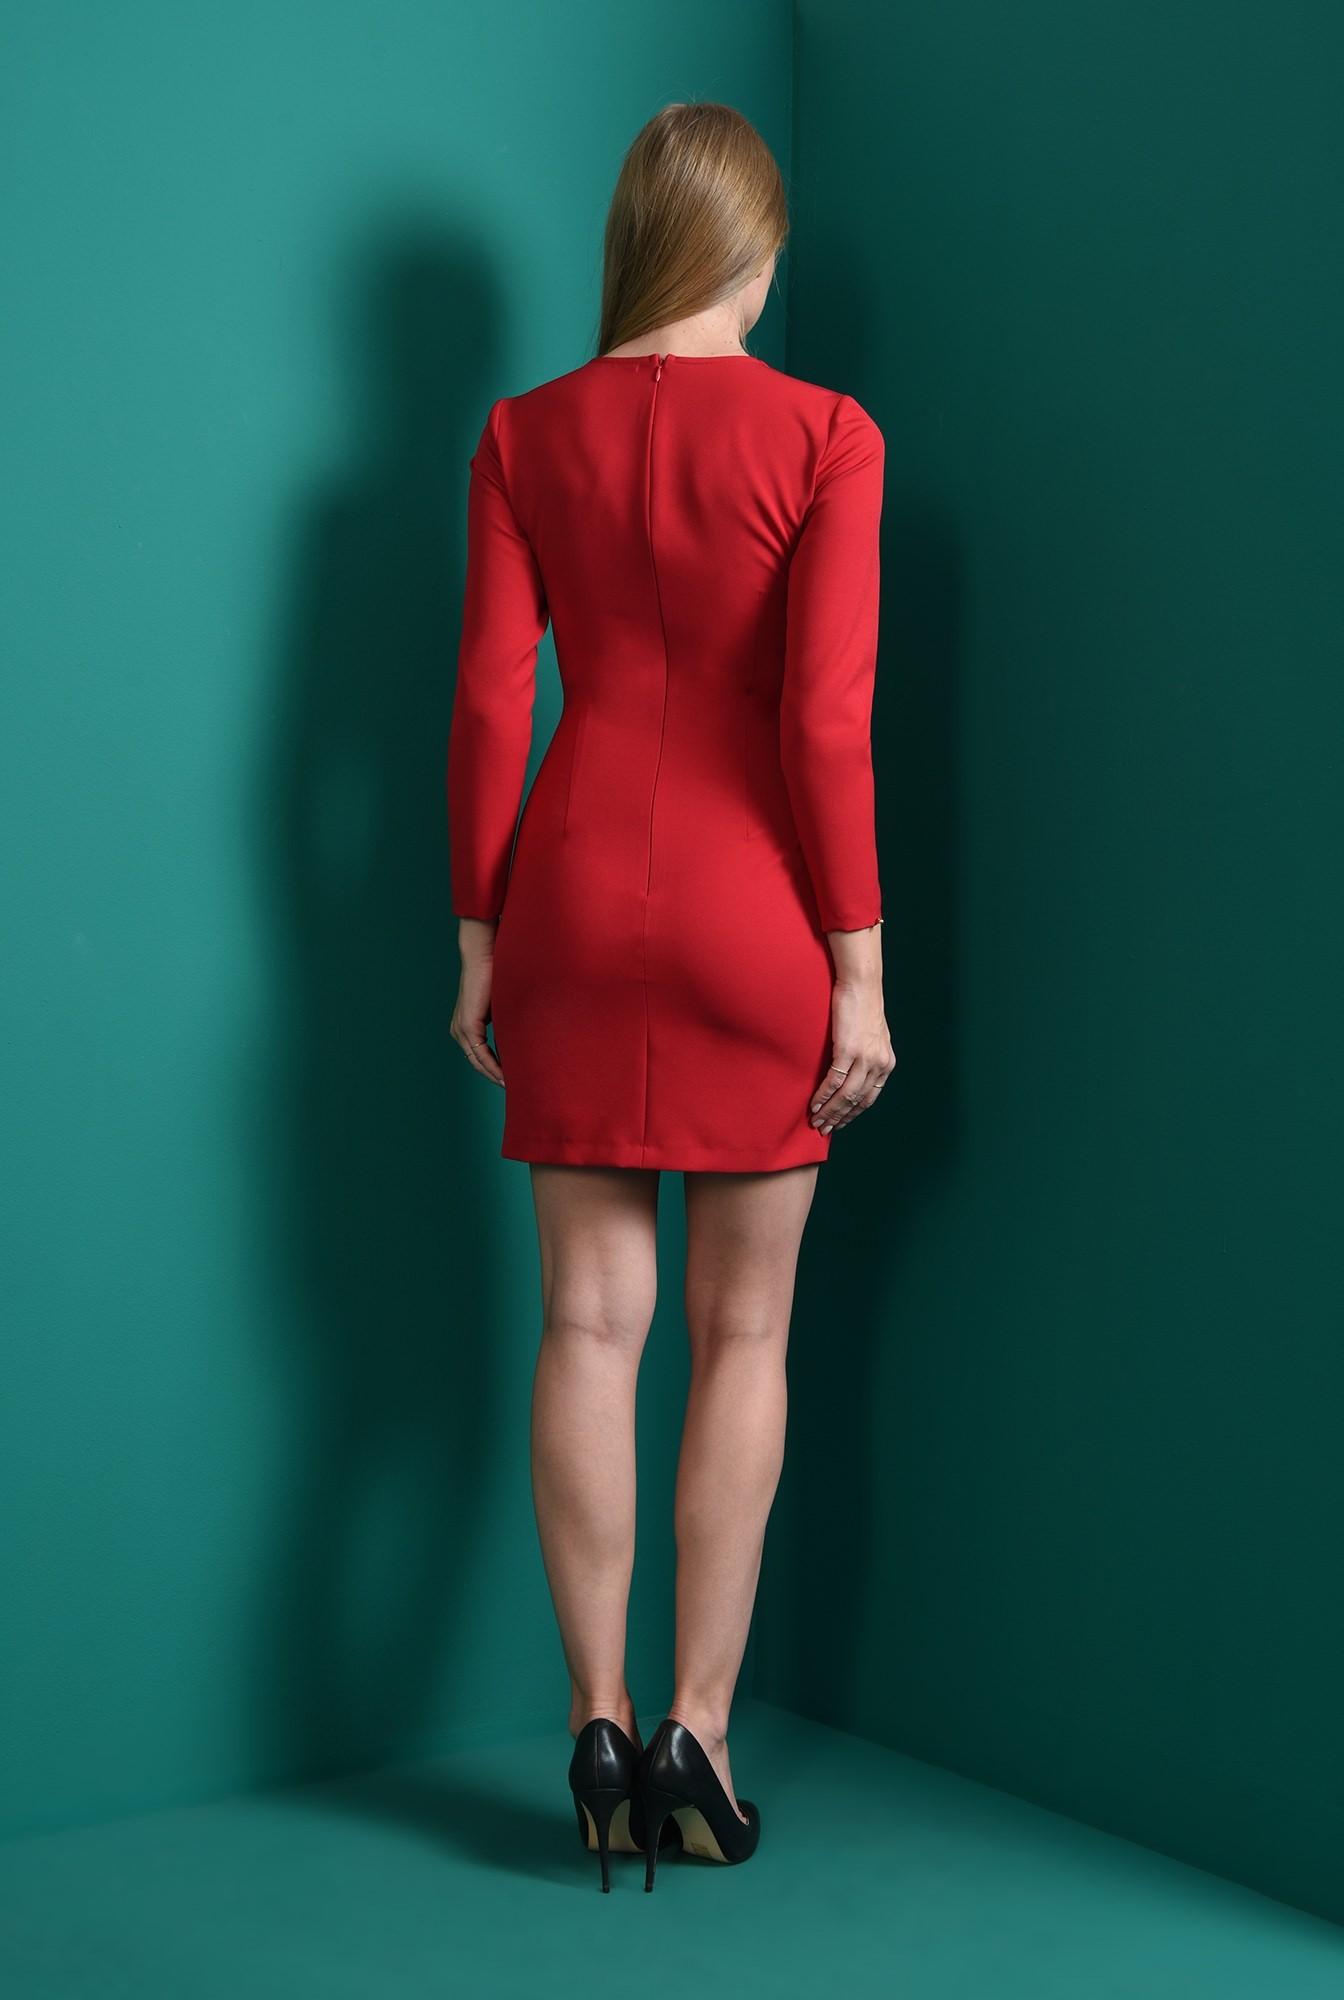 2 - rochie casual, scurta, rosie, cu maneca lunga